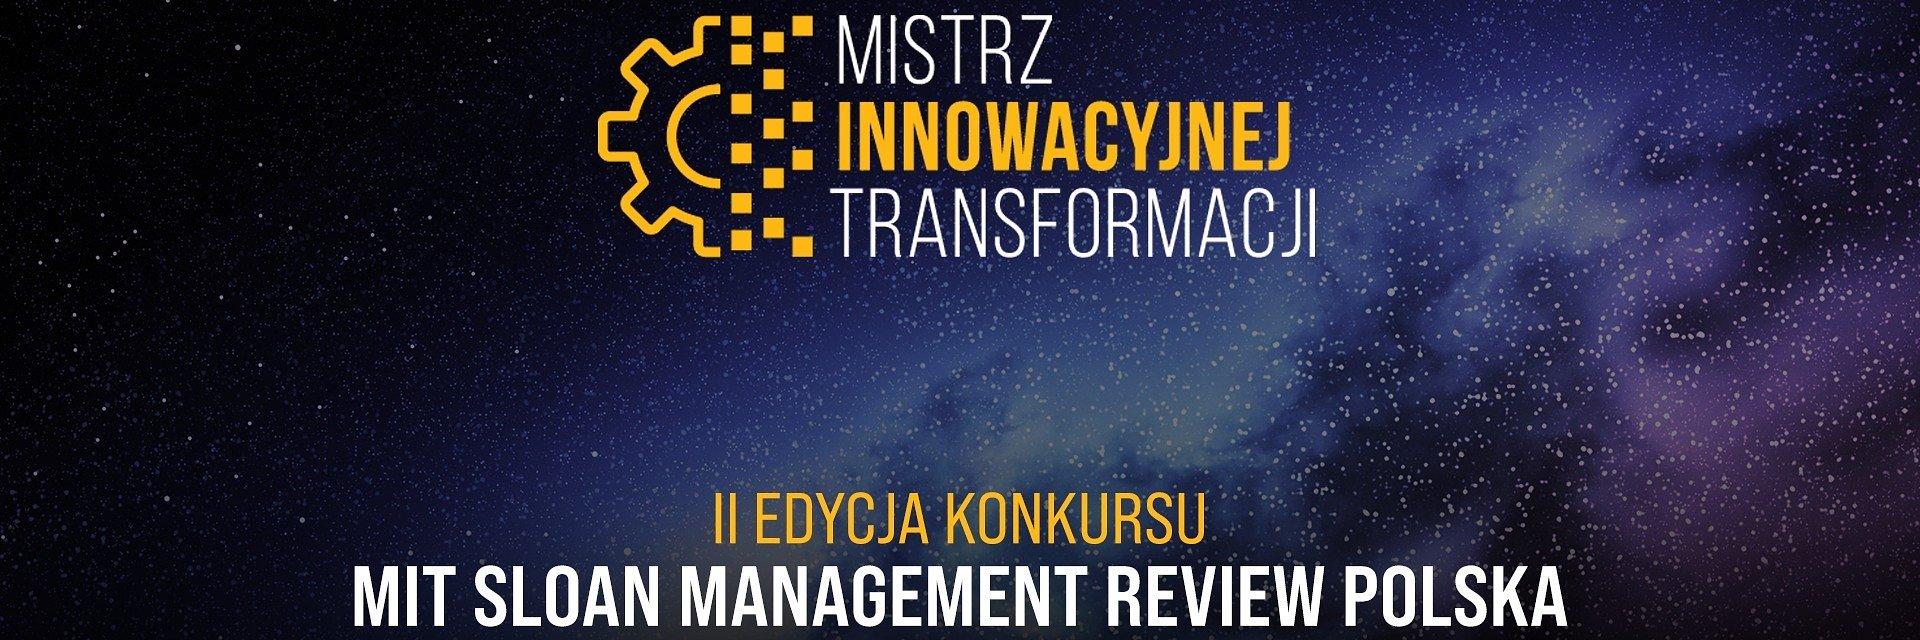 Poznaliśmy Mistrzów Innowacyjnej Transformacji